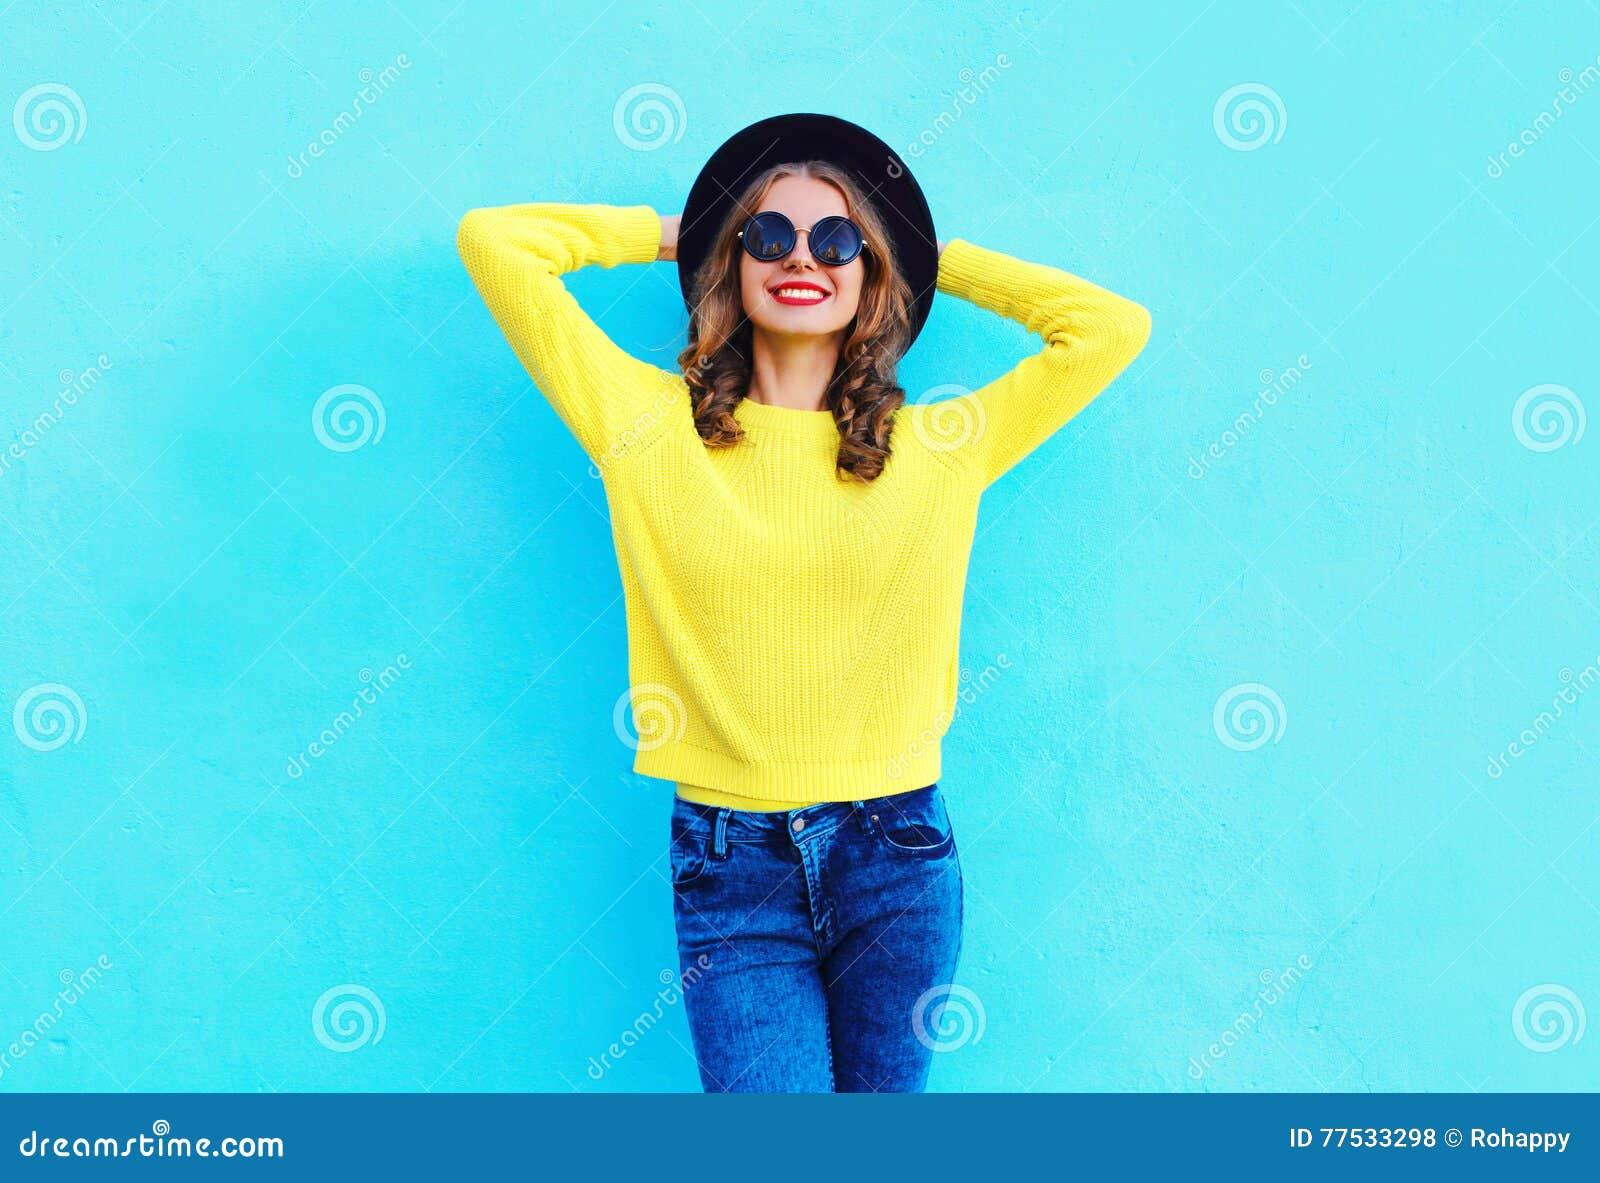 Fasonuje szczęśliwej dosyć ono uśmiecha się kobiety jest ubranym kolor żółty dziającego pulower nad kolorowym błękitem i czarnego